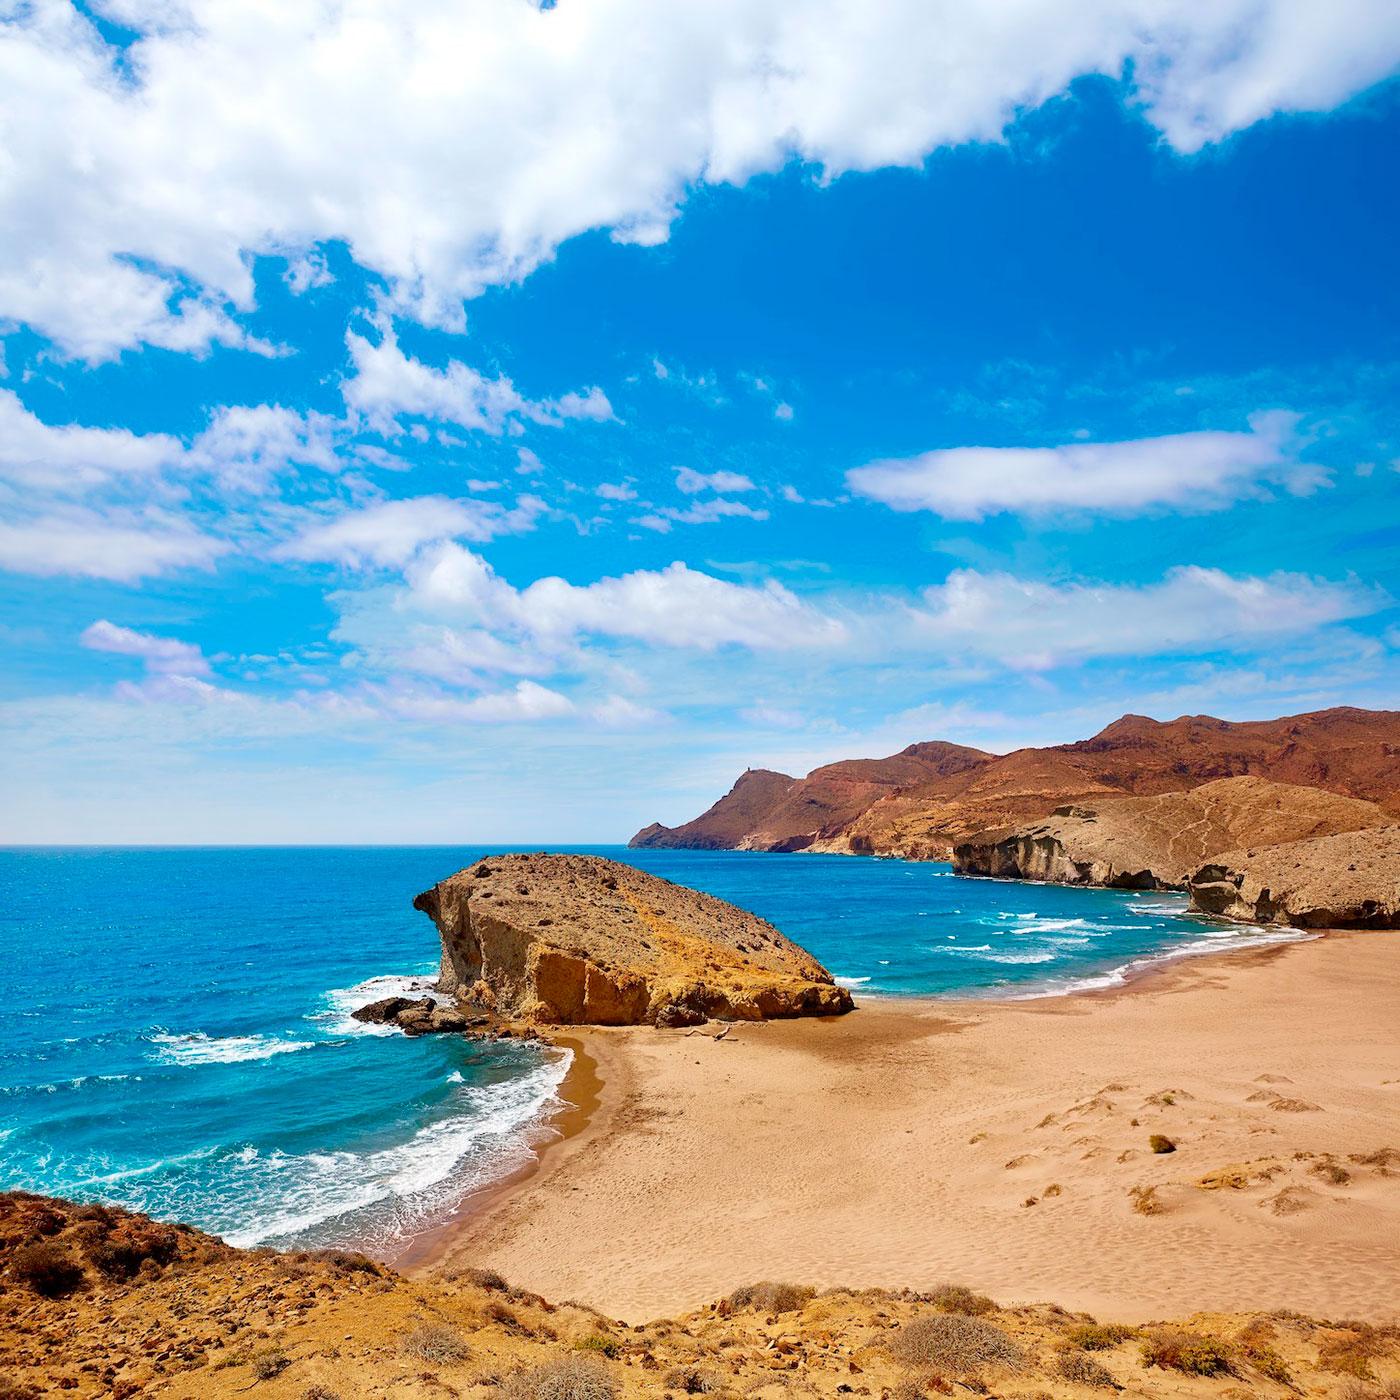 playa-monsul-almeria. Playa de Mónsul, Almería - Indiana Jones y la última cruzada